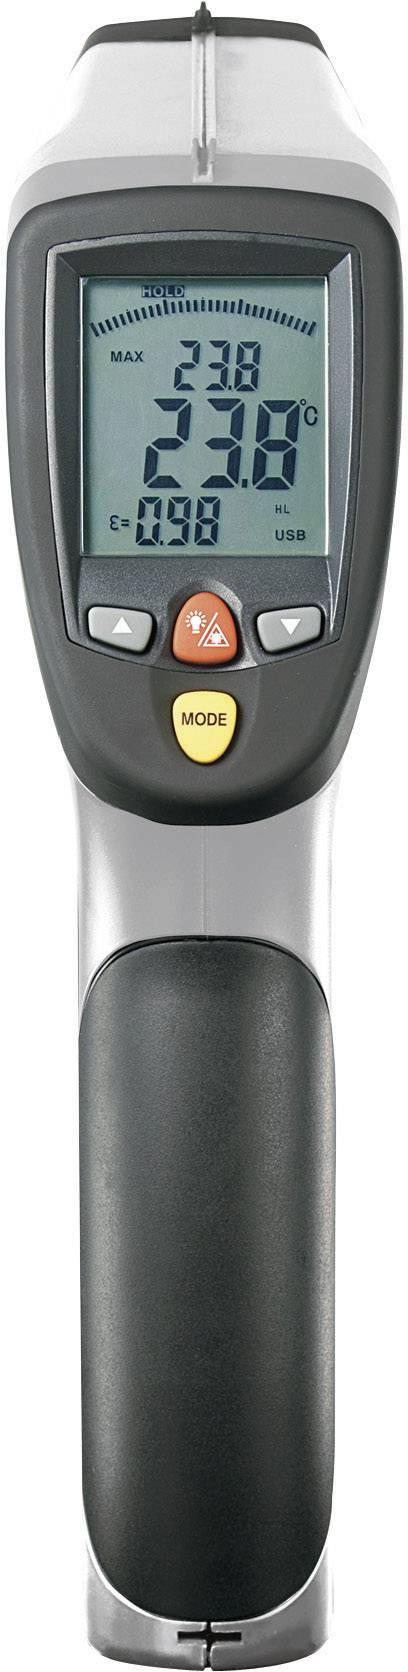 IR teploměr Voltcraft IR-2200-50D USB, -50 až +2200 °C